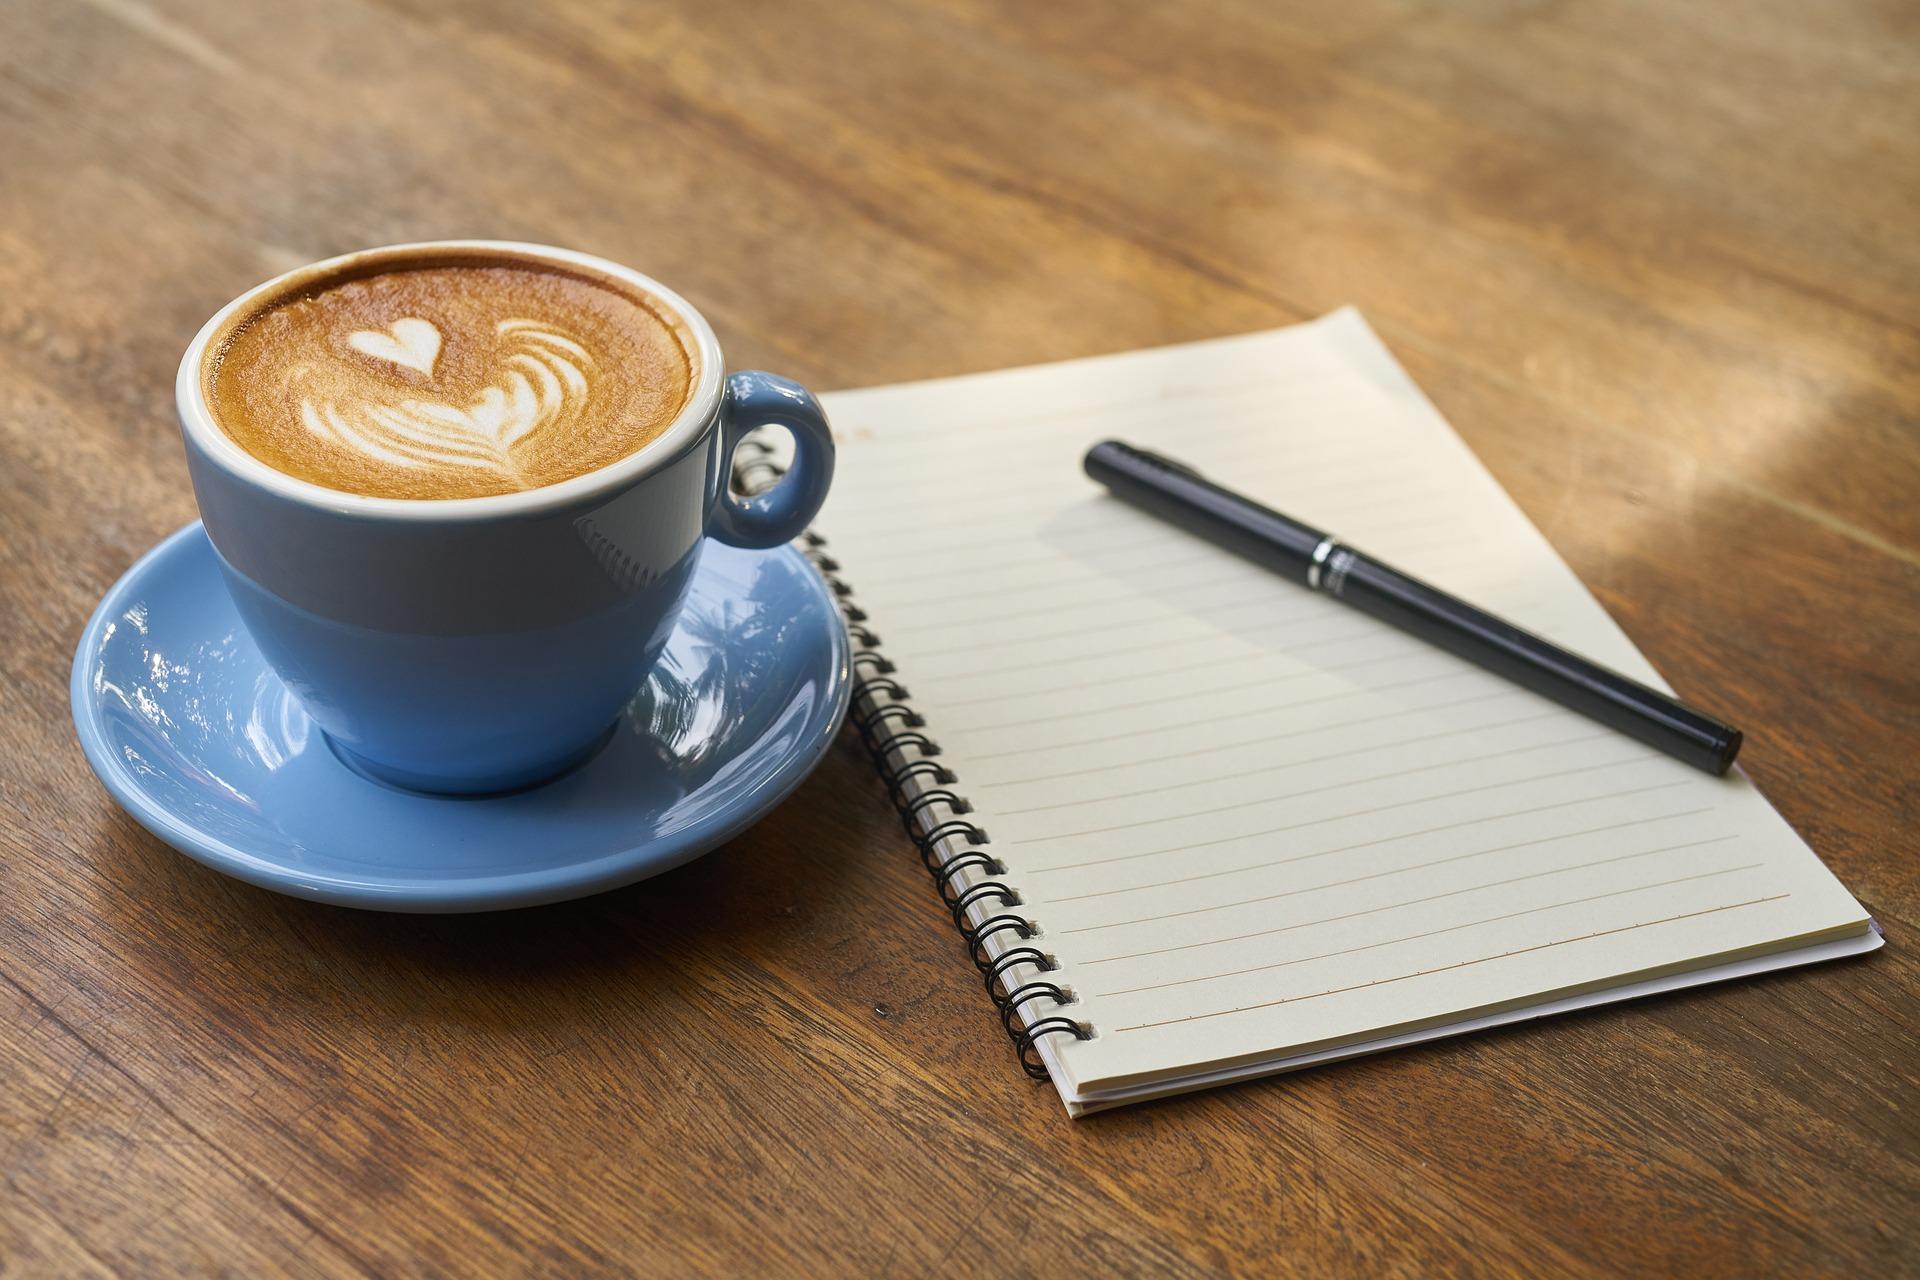 coffee-2306471_1920.jpg [498 KB]